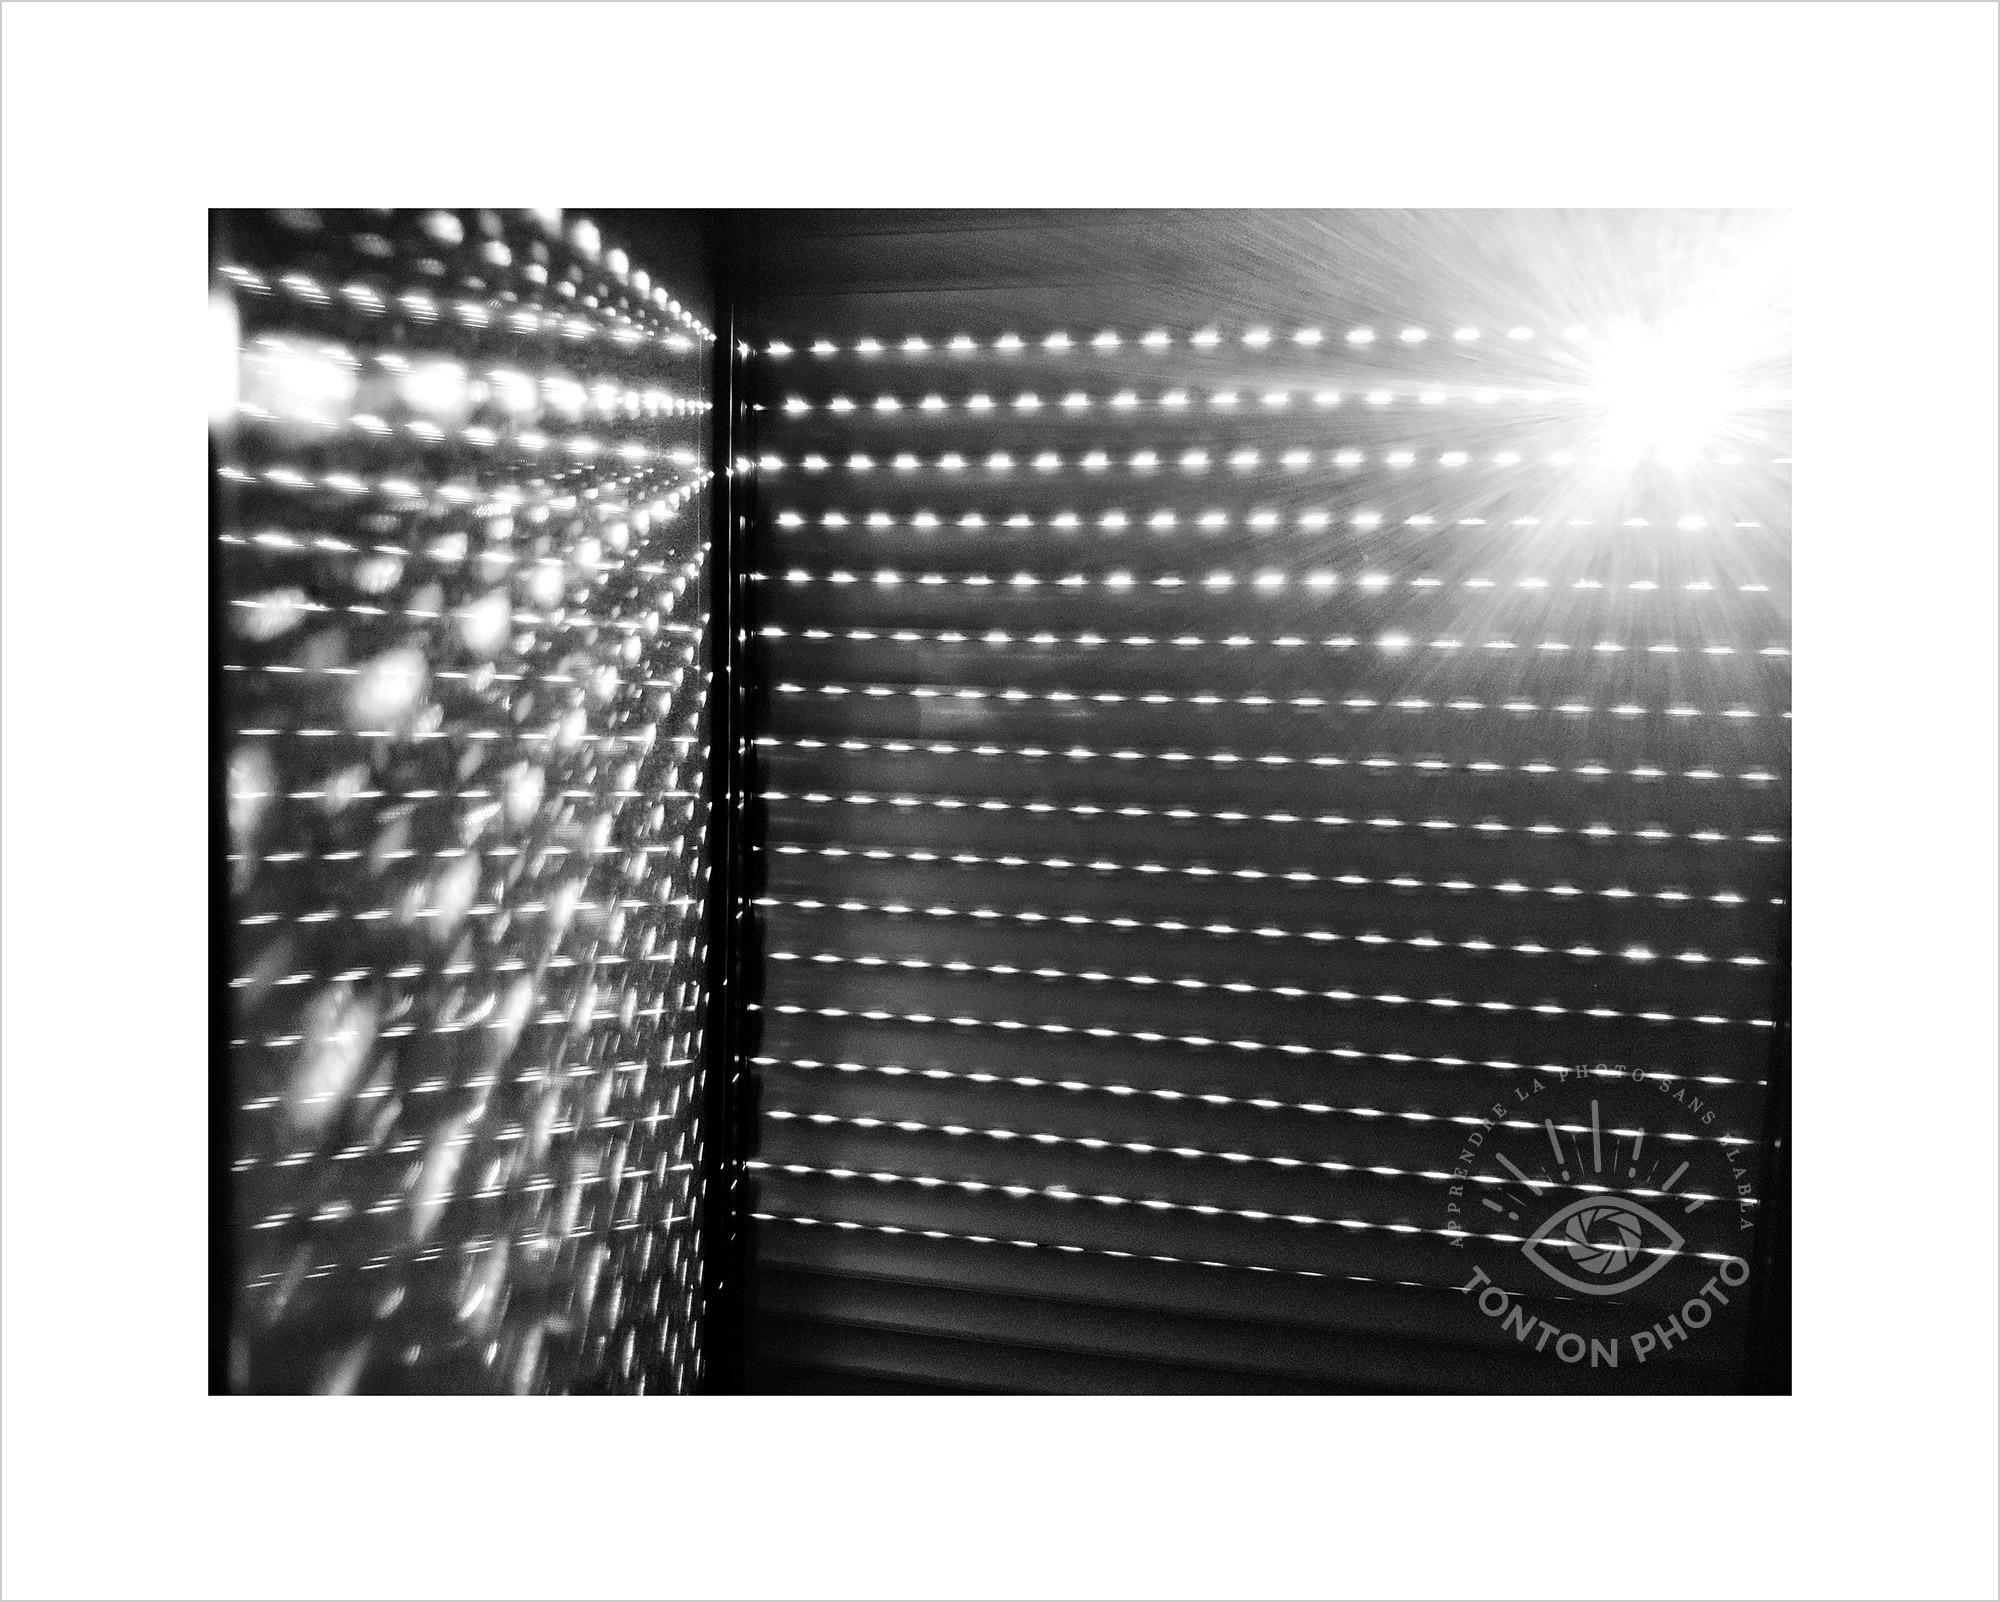 Au lever du jour, jeu d'ombre et de lumière à travers les volets de la chambre. Photo prise au smartphone Xiaomi Mi Mix 3 © Tonton Photo